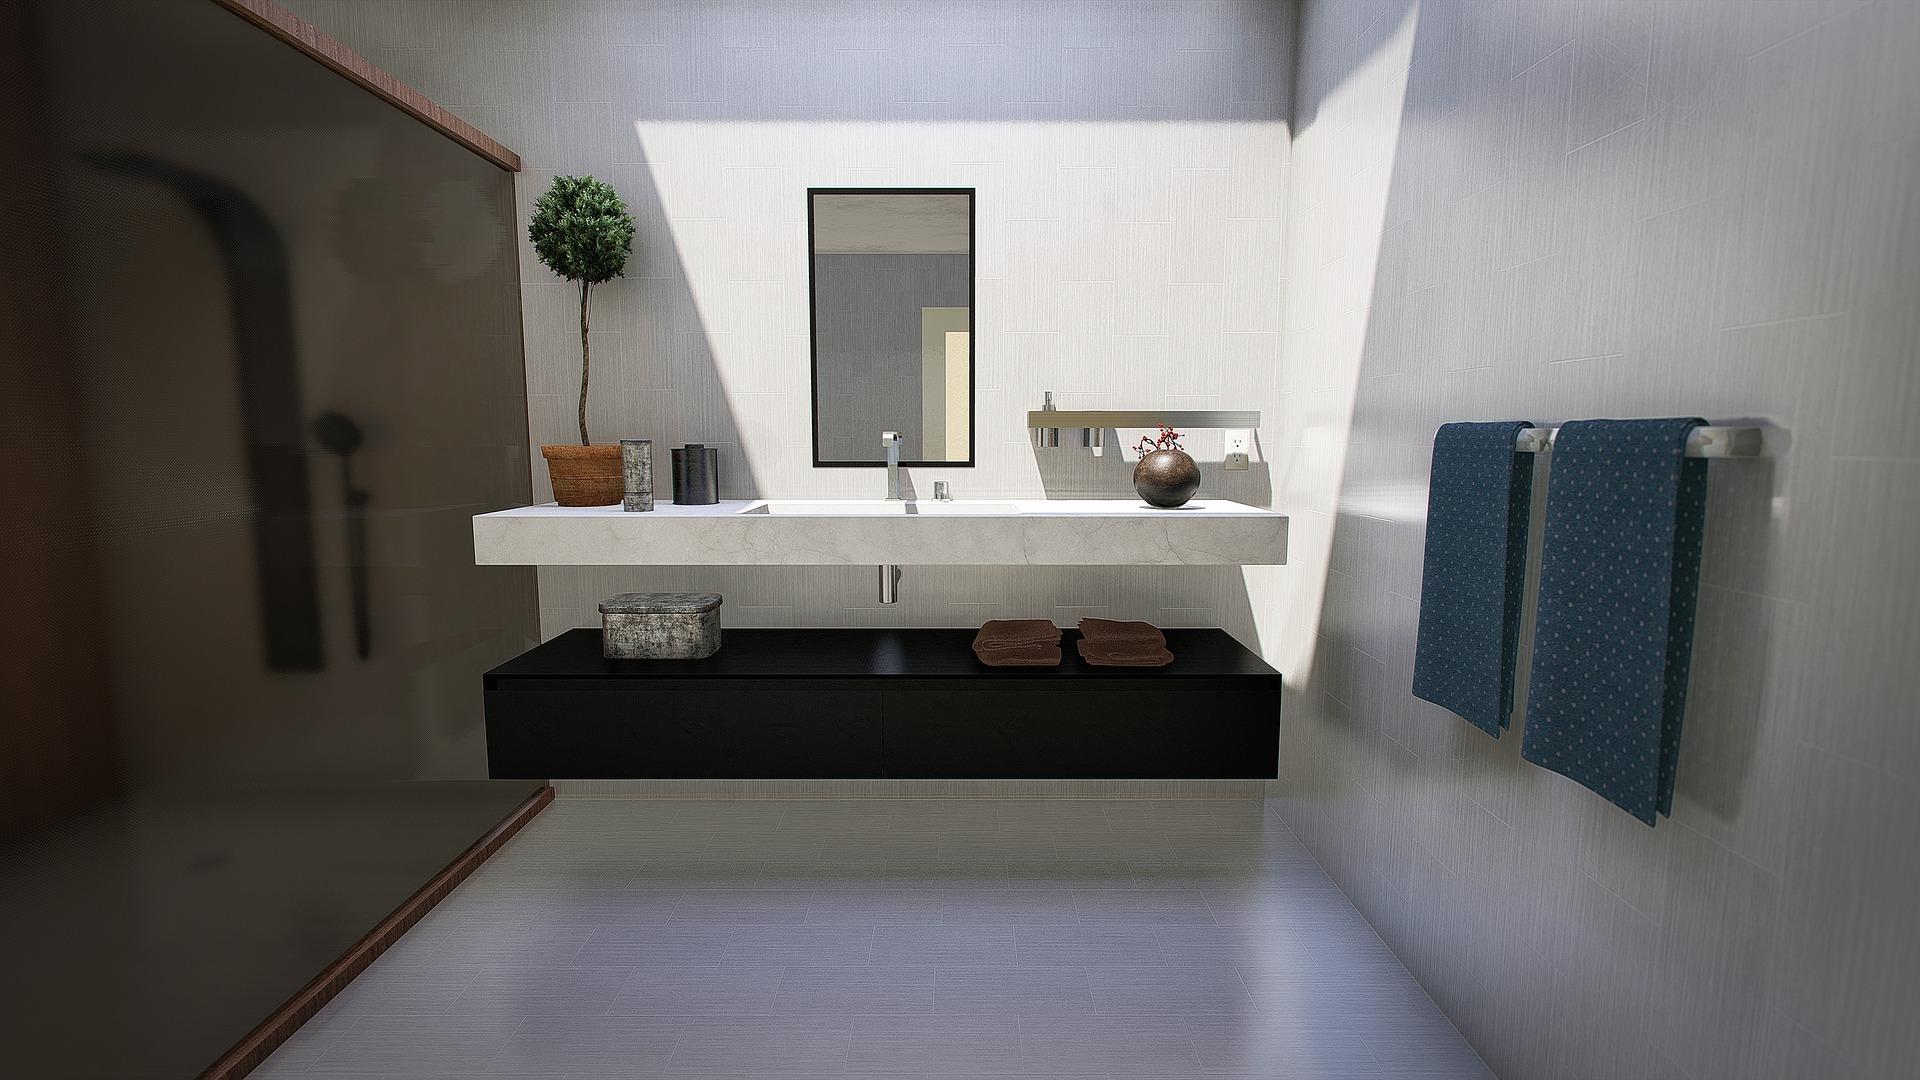 Heureuse intégration du bois, du verre et du métal